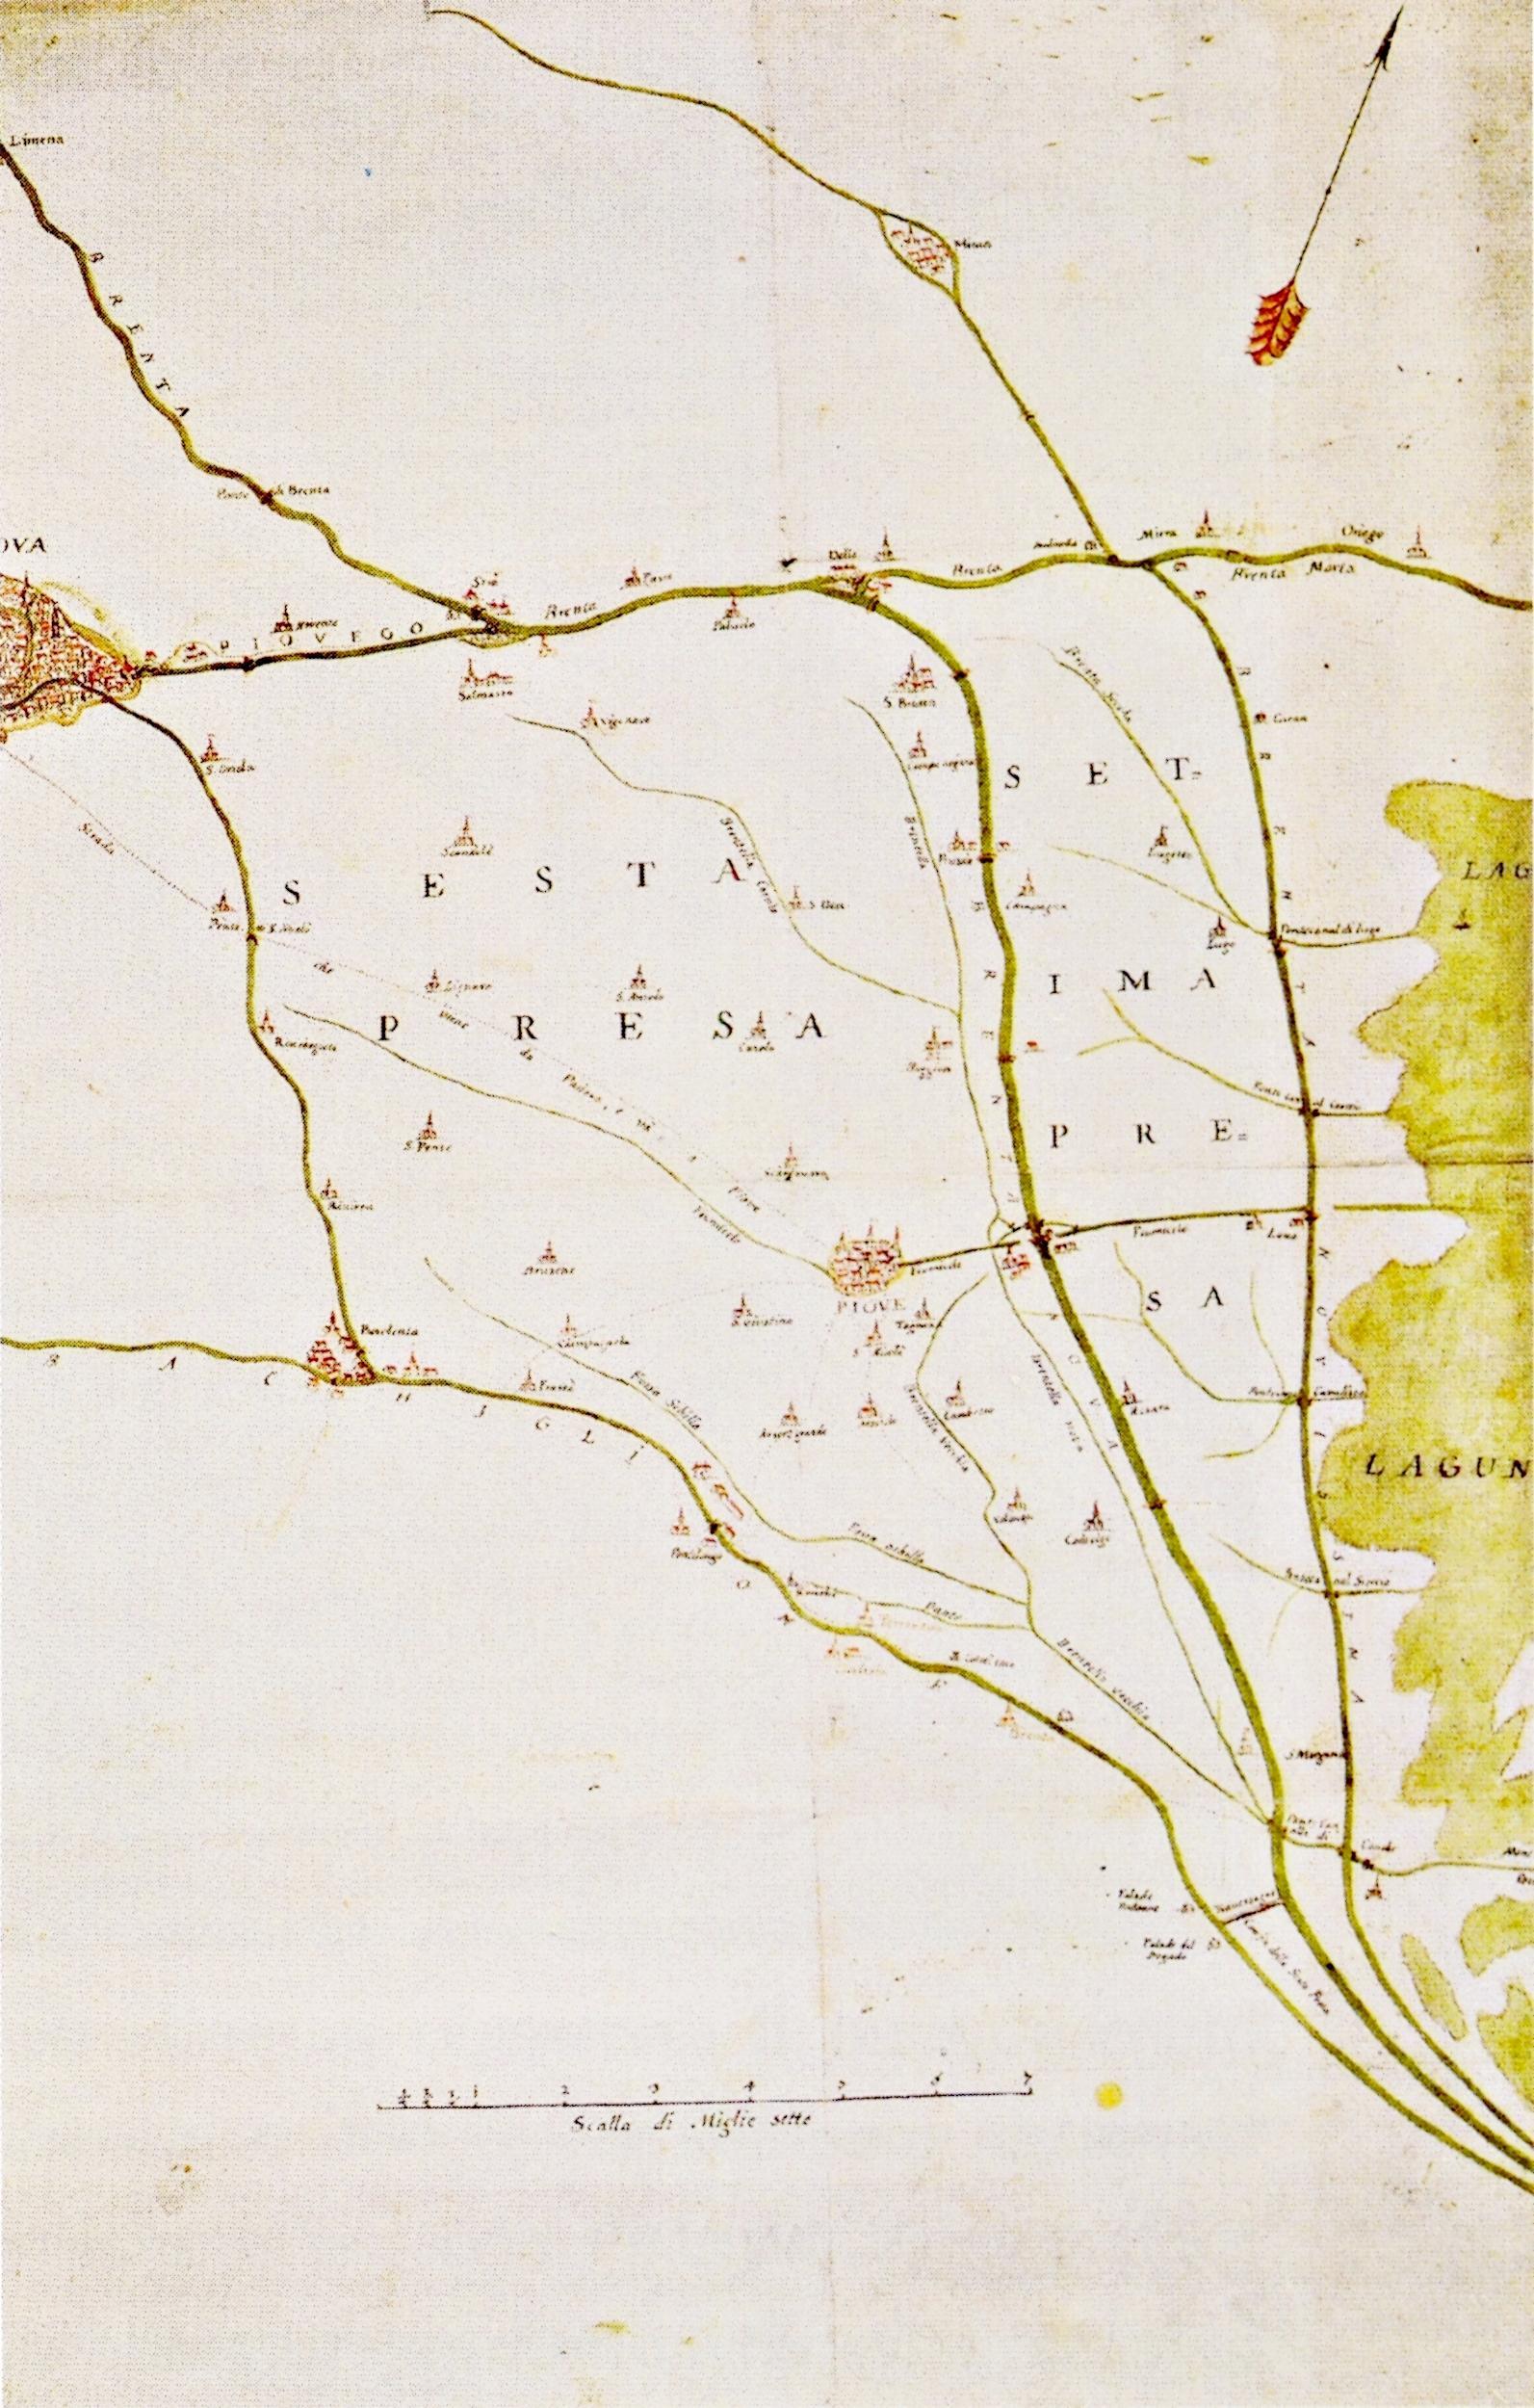 Mappa con i consorzi di Sesta e Settima Presa. Inizi XVII secolo.